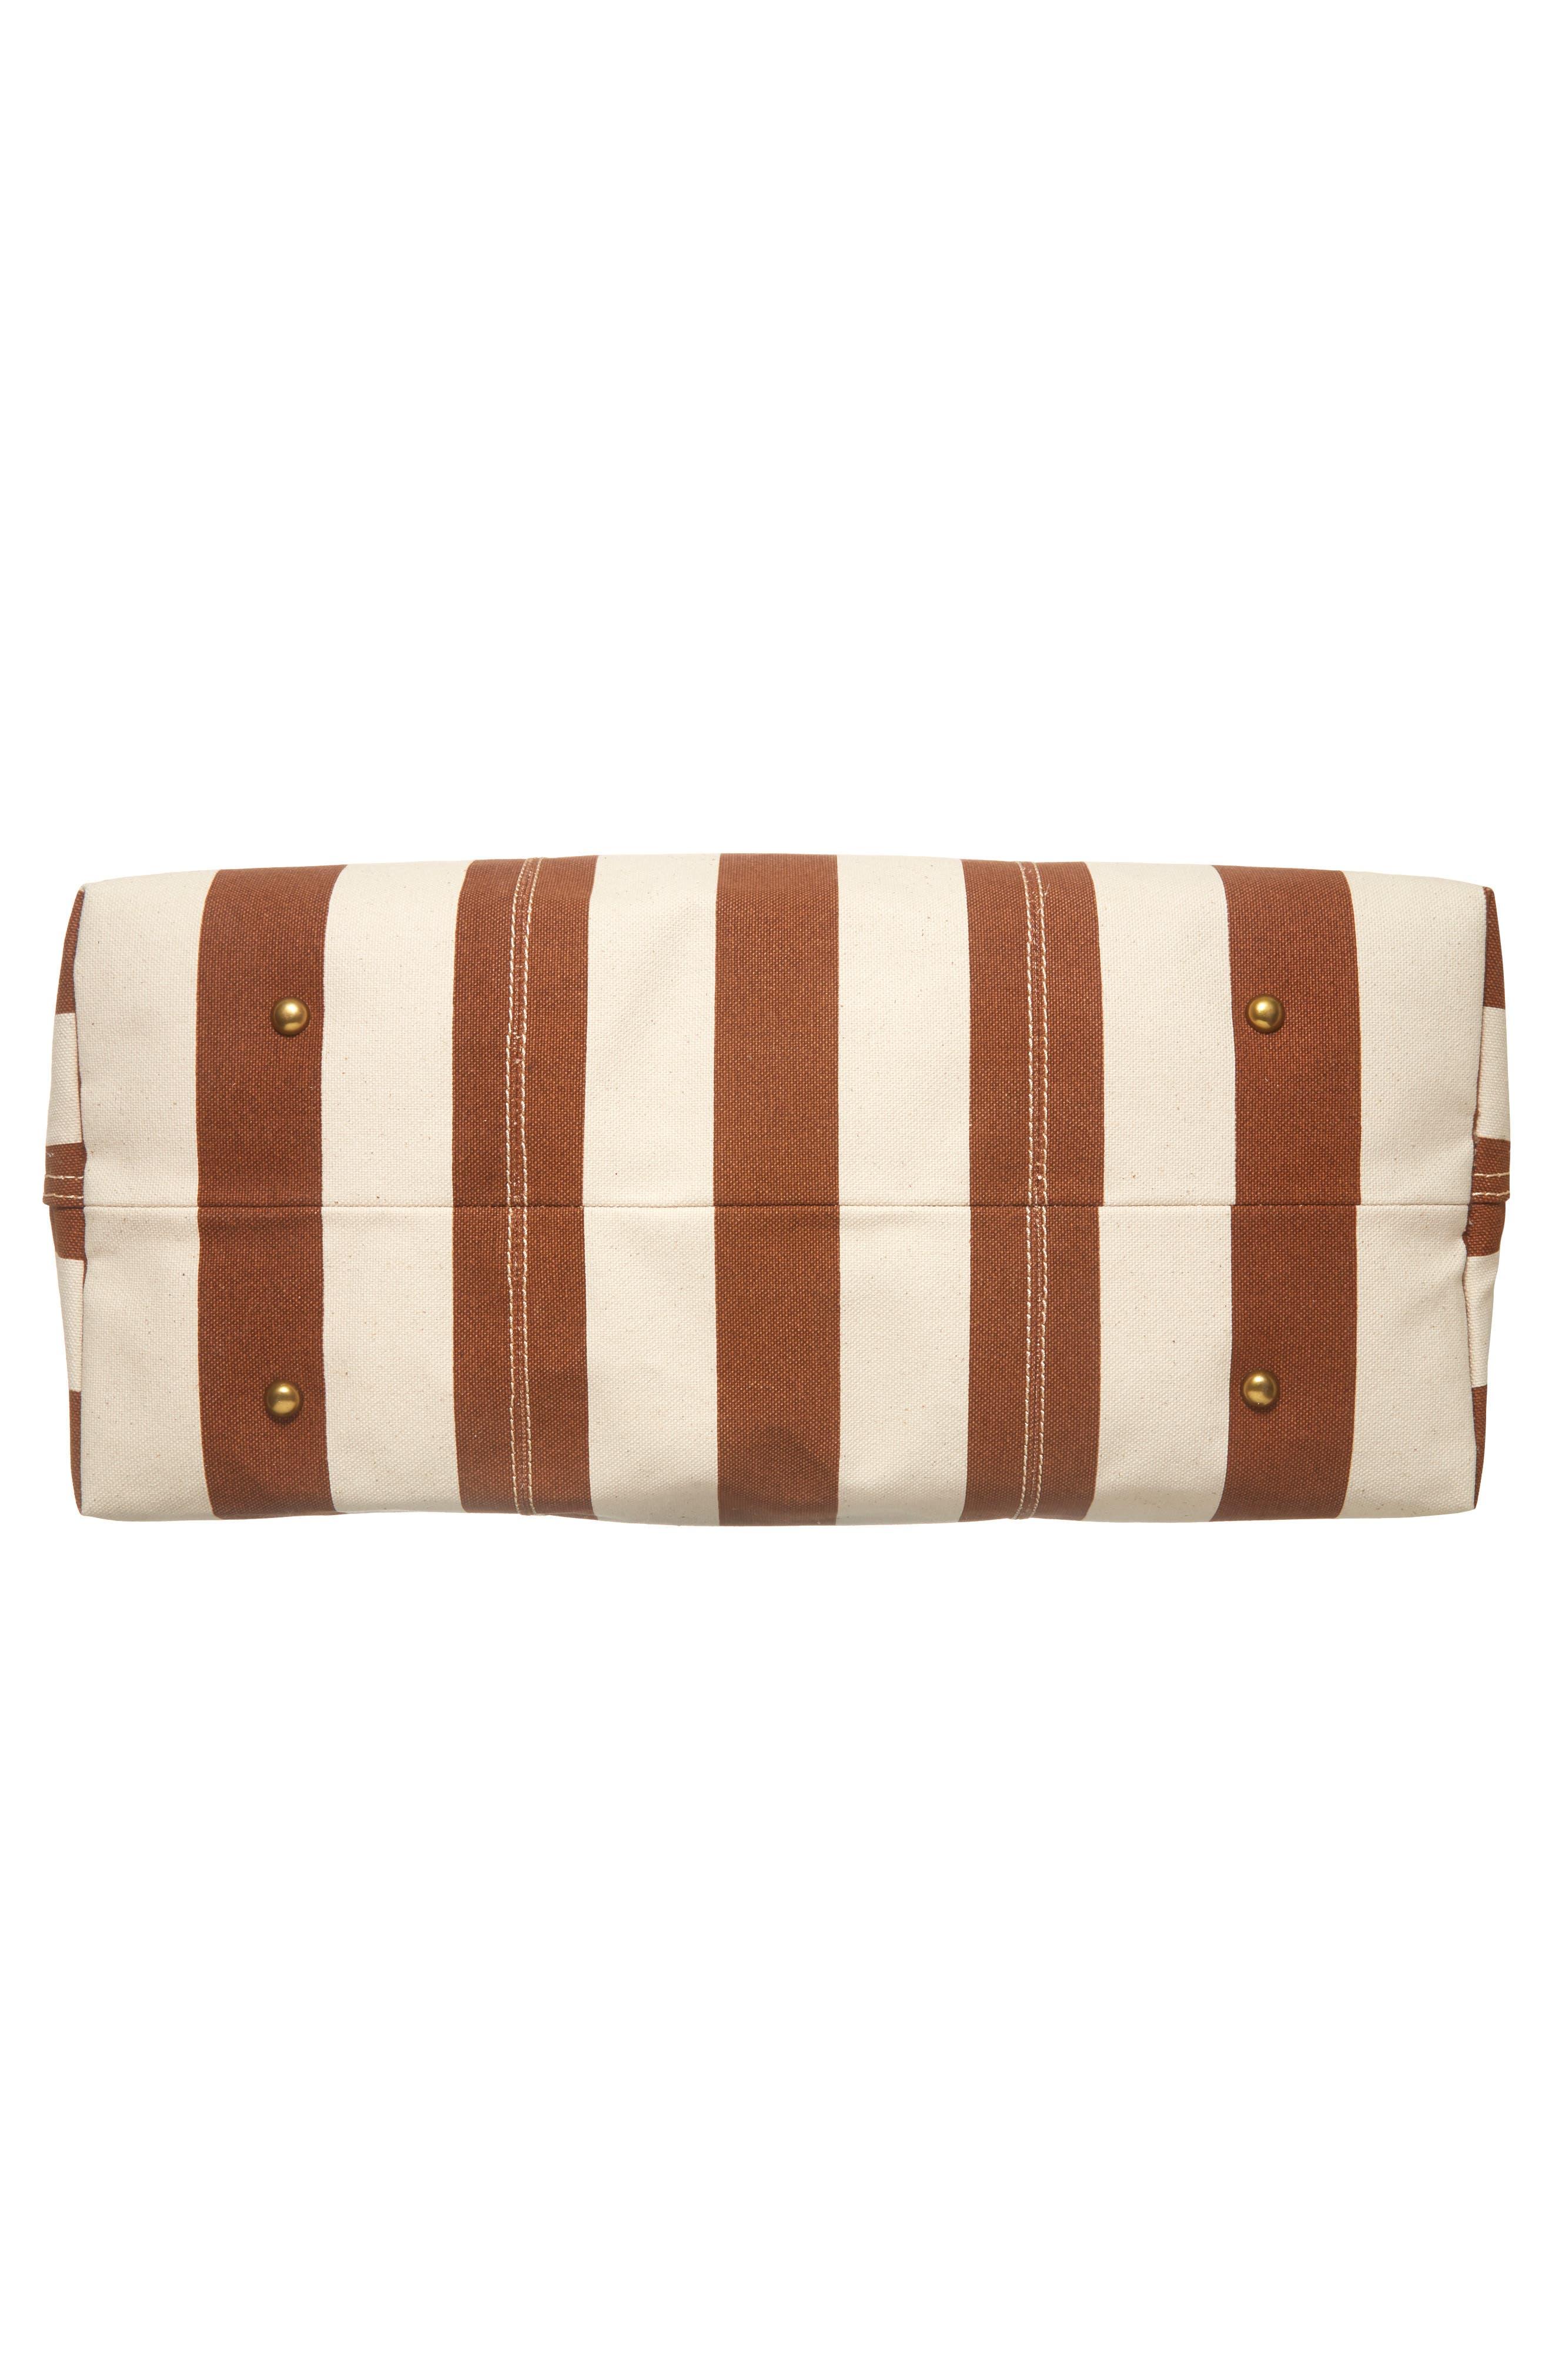 Transport Canvas Weekend Bag,                             Alternate thumbnail 6, color,                             Burnt Orange Stripe